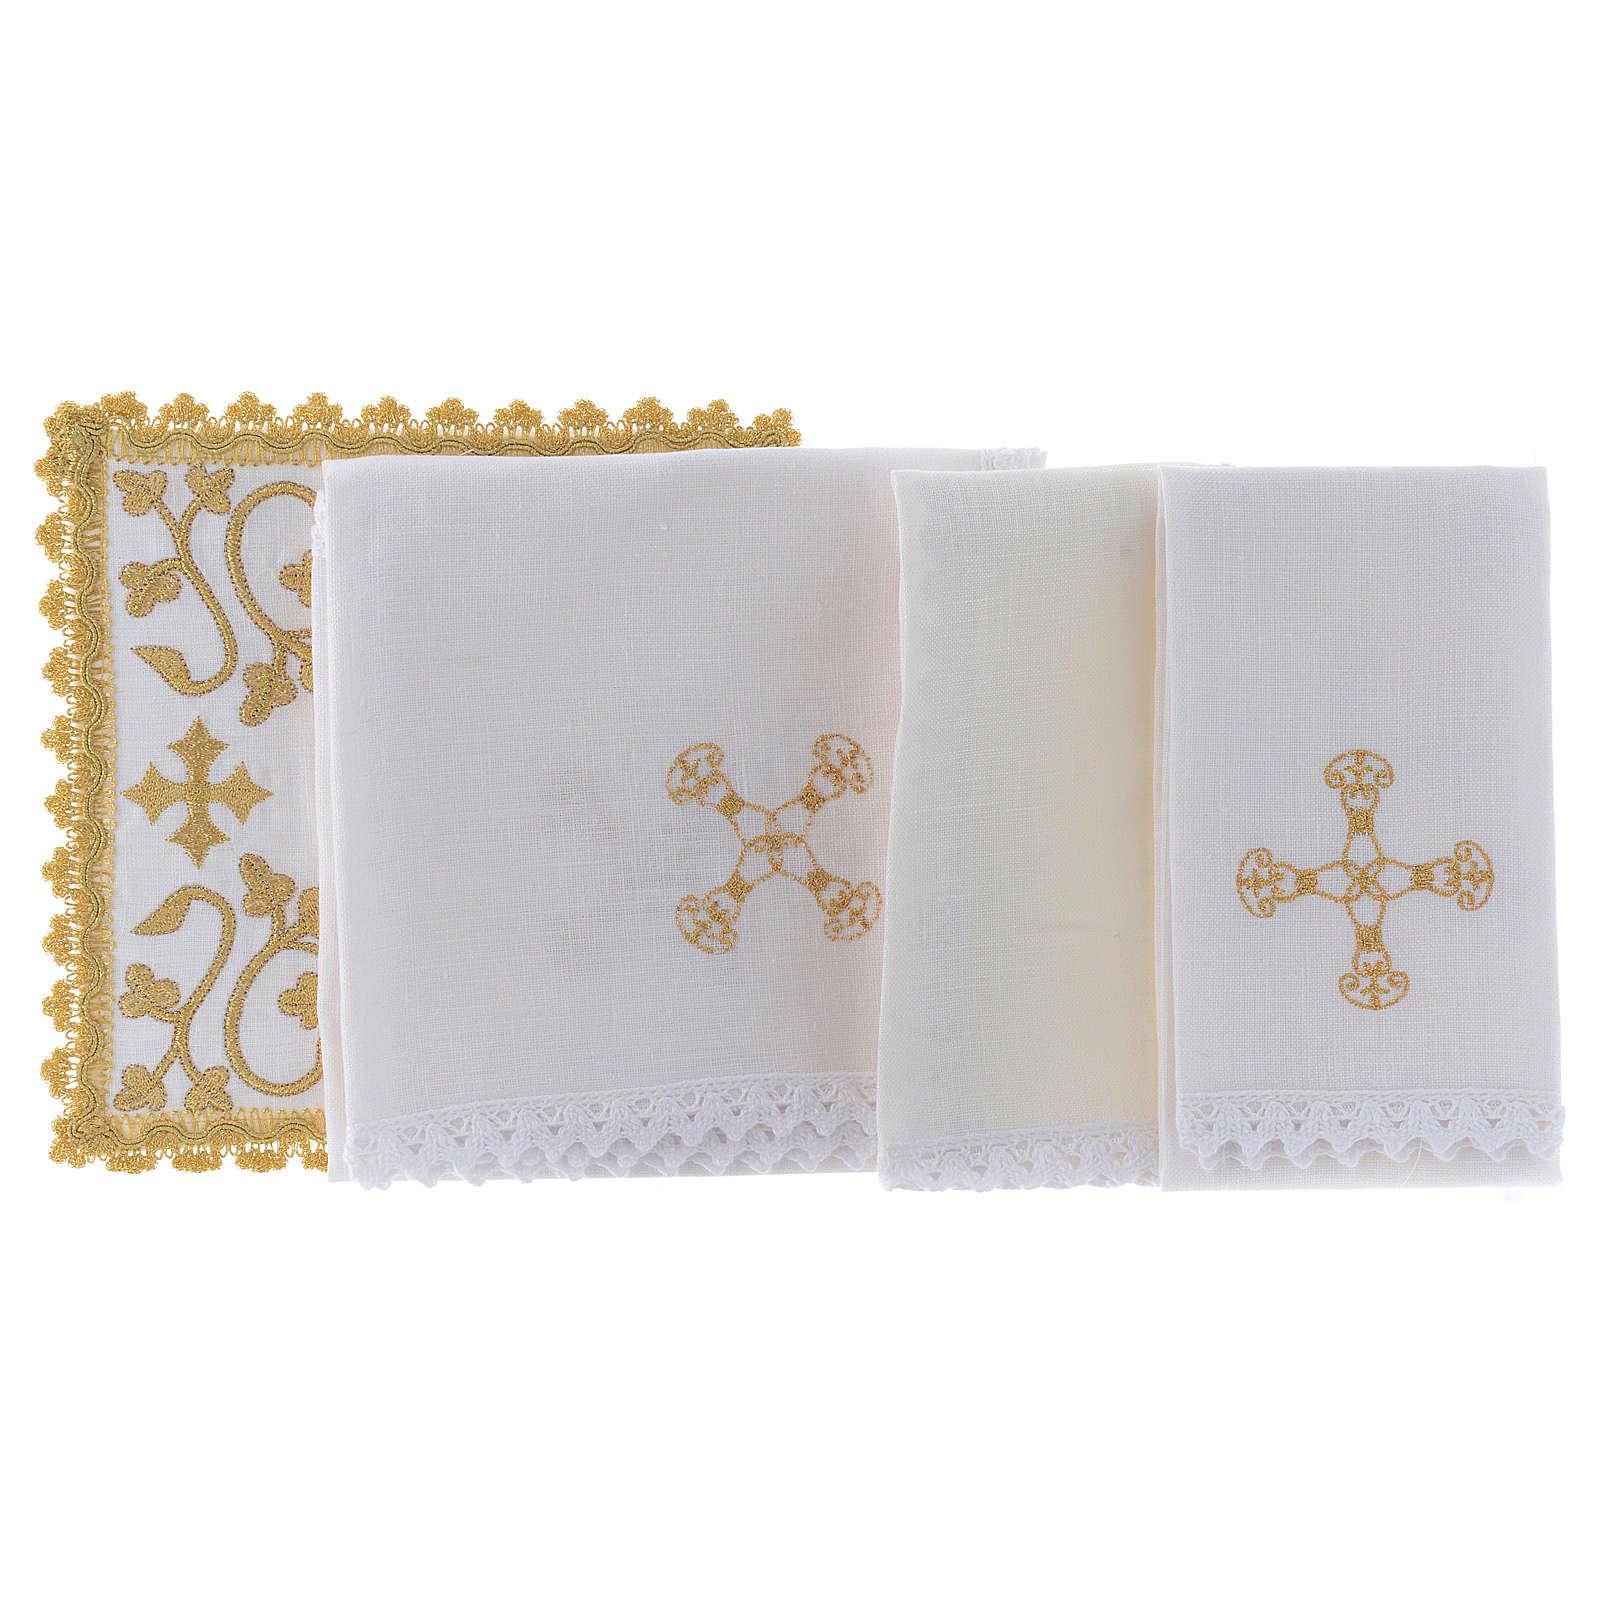 Set linge d'autel en lin doré 4